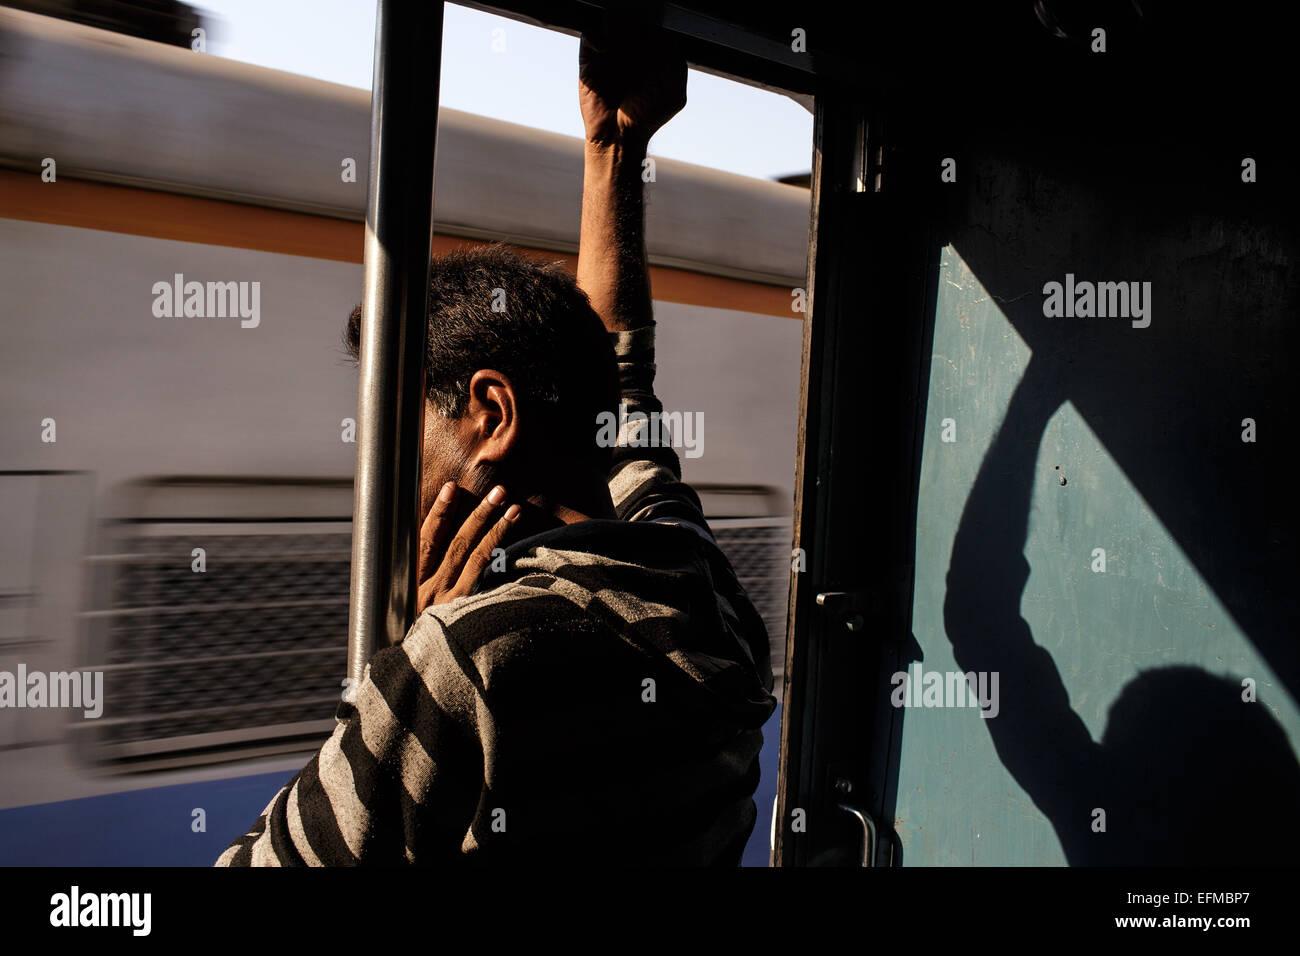 Un homme travaille sur un train de banlieue de Mumbai, Inde Banque D'Images